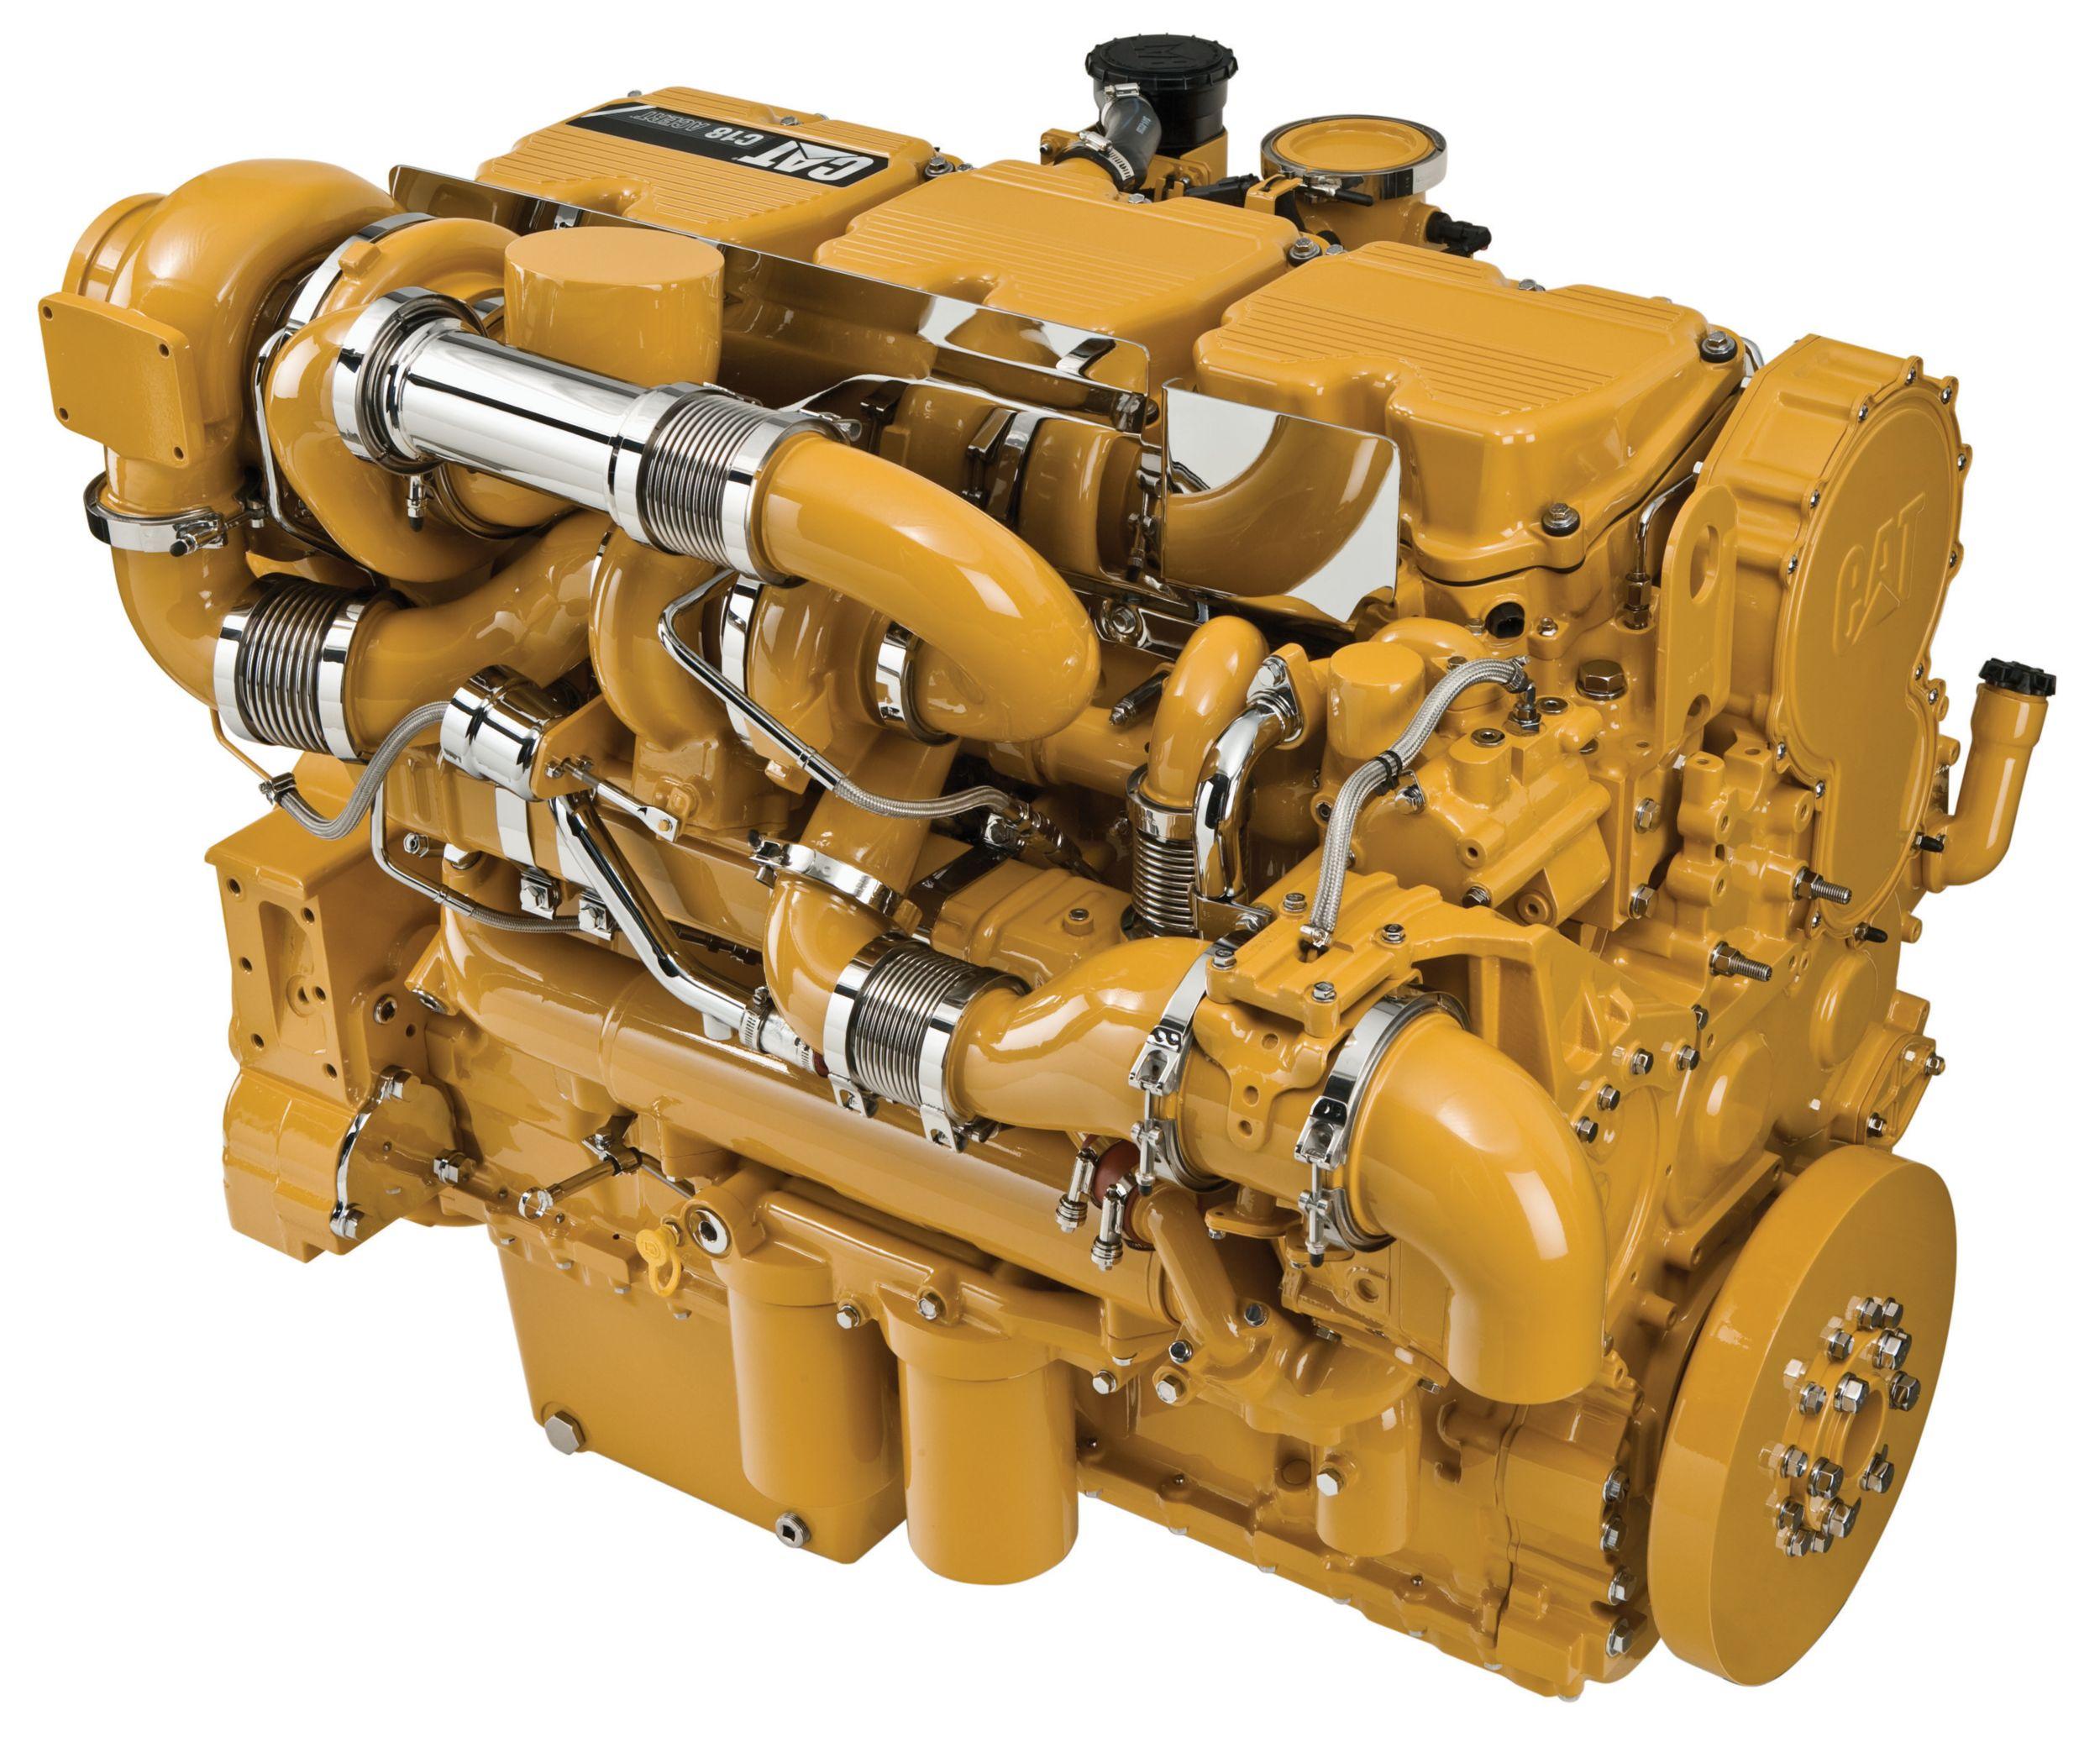 Cat C15 Engine Diagram Cat C15 Engine Wiring Diagram Caterpillar 3406e